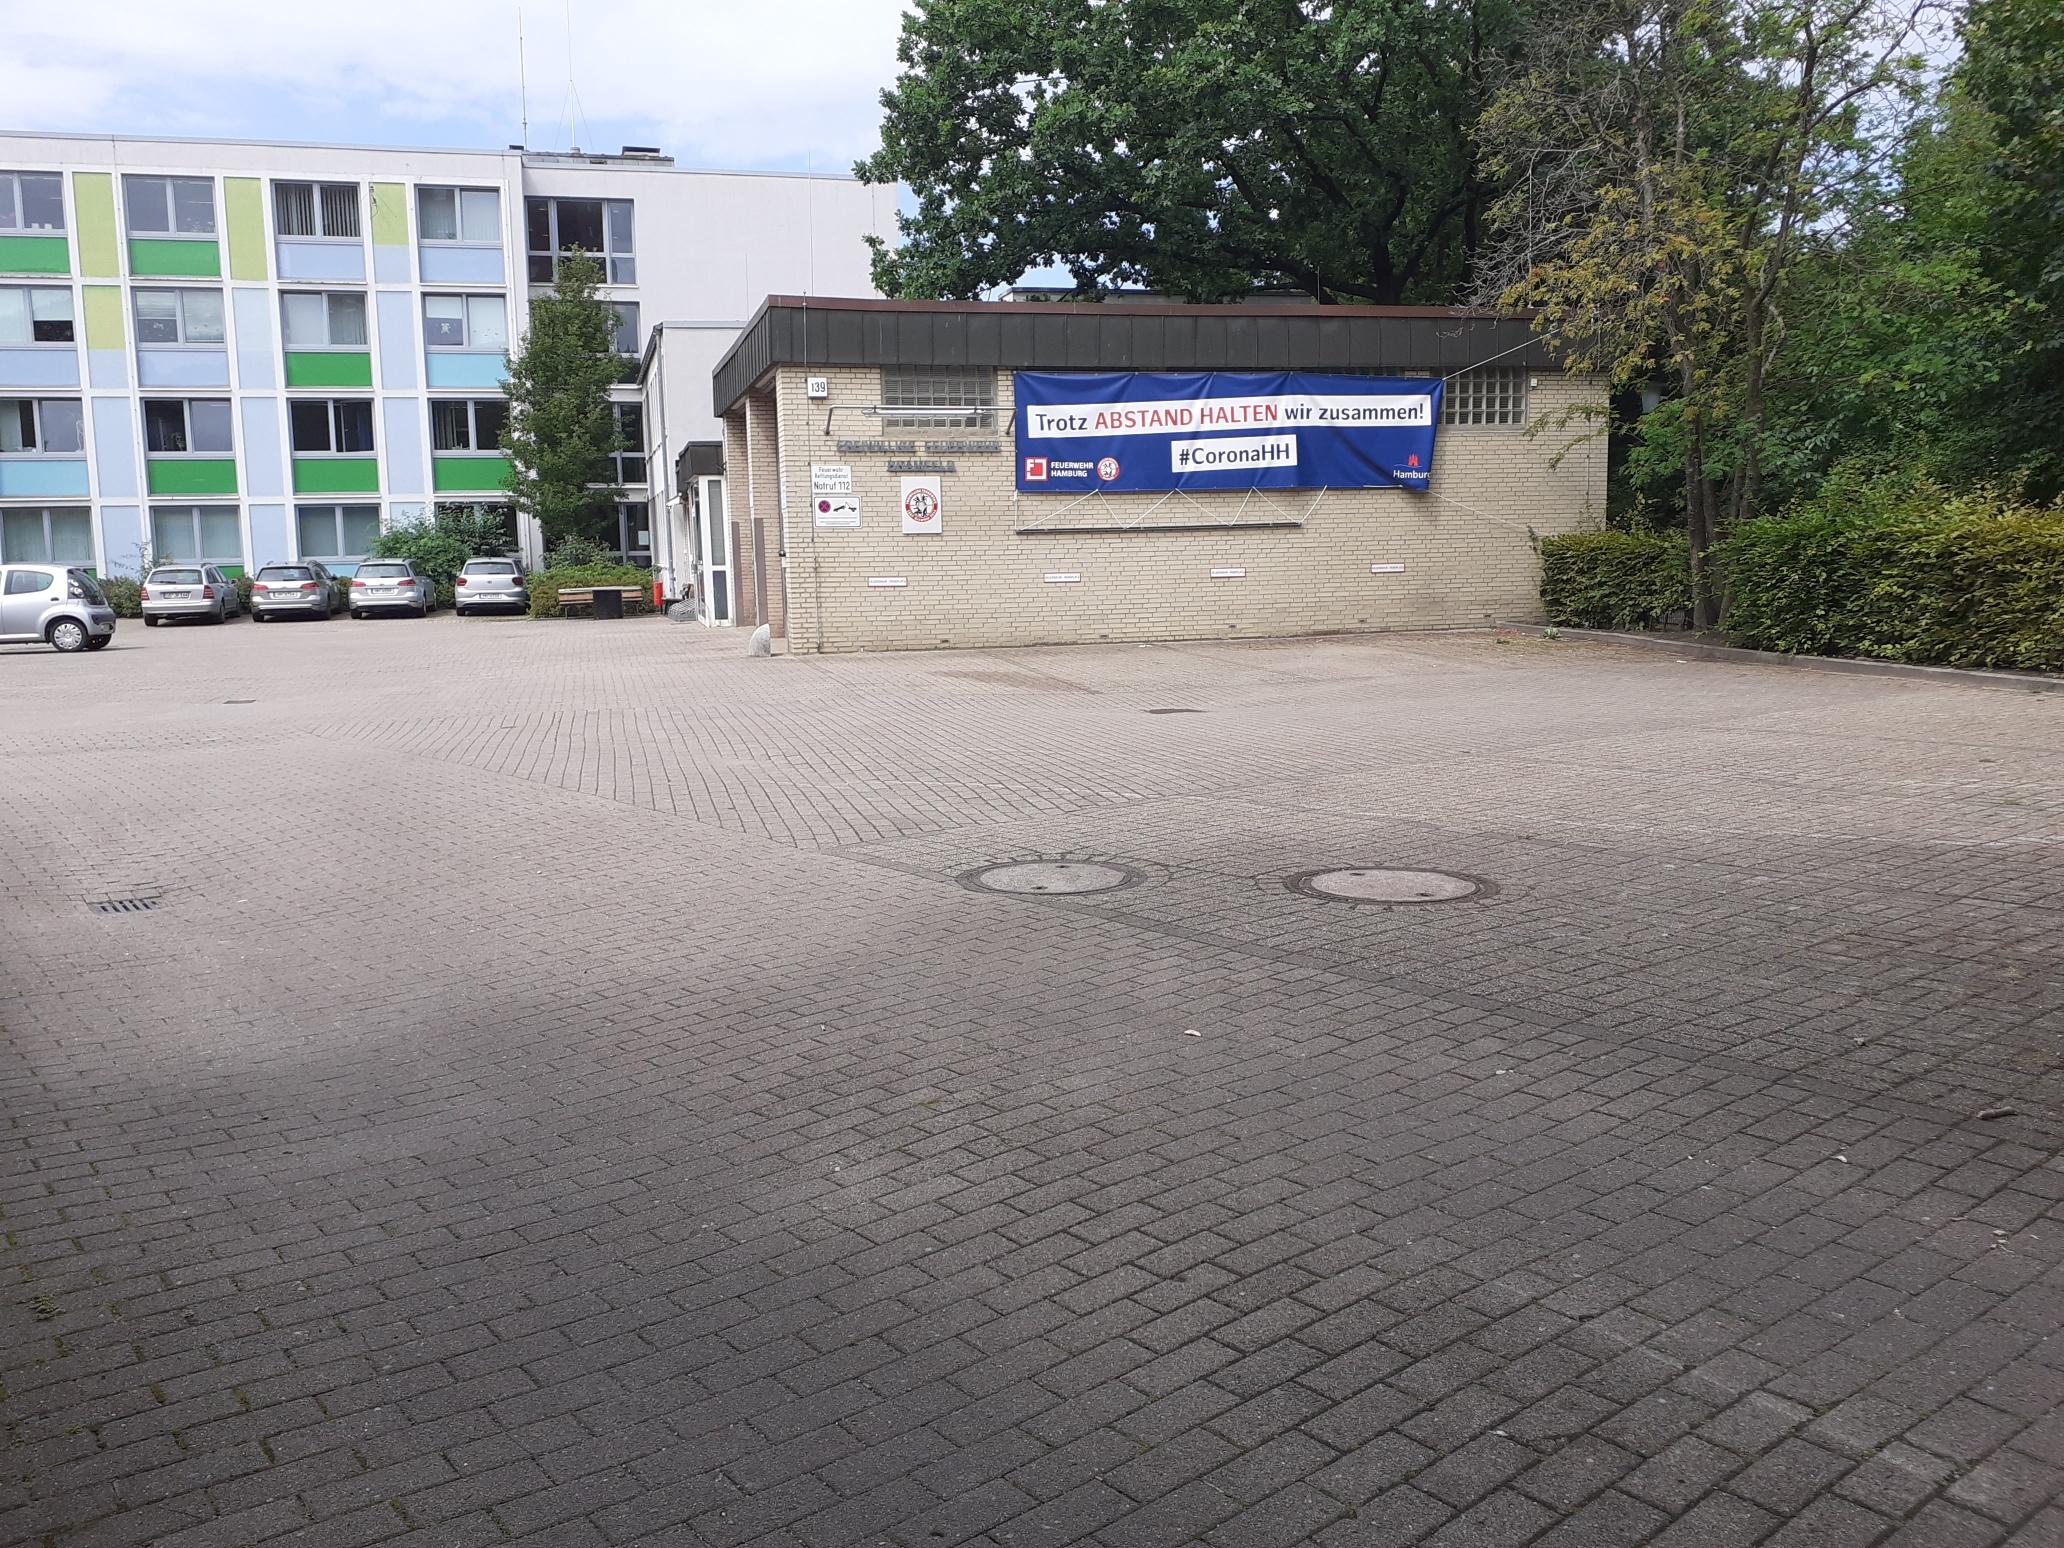 Bramfeld (F2921) in Ellernreihe 139 22179 Hamburg